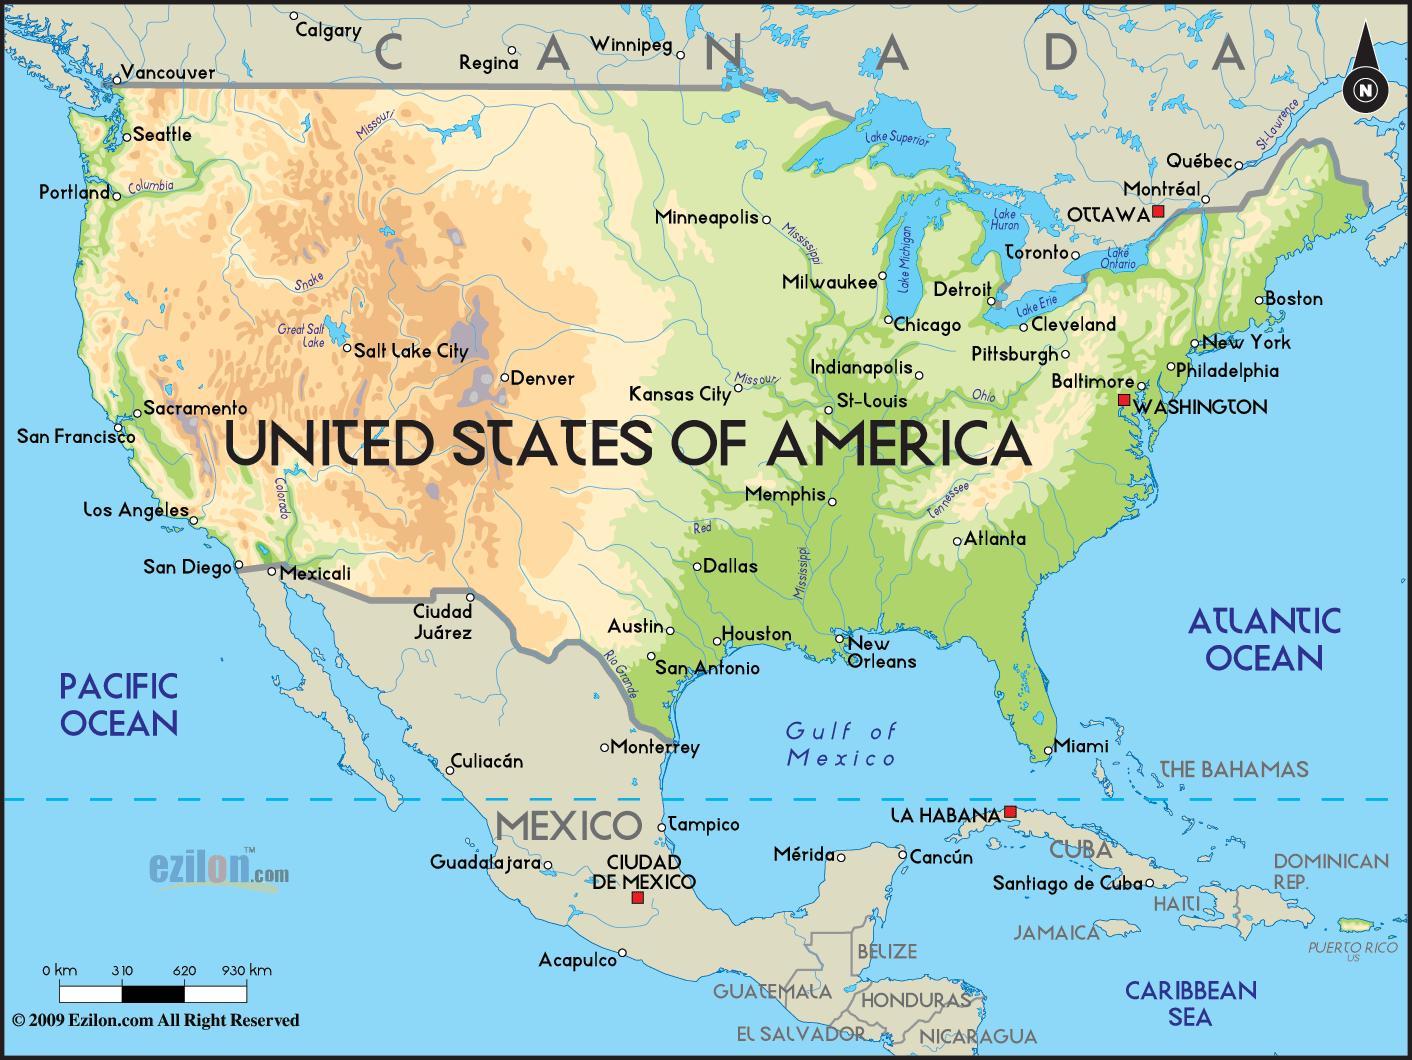 Yhdysvaltain Kartta Valtameret Kartta Usa Valtameret Pohjois